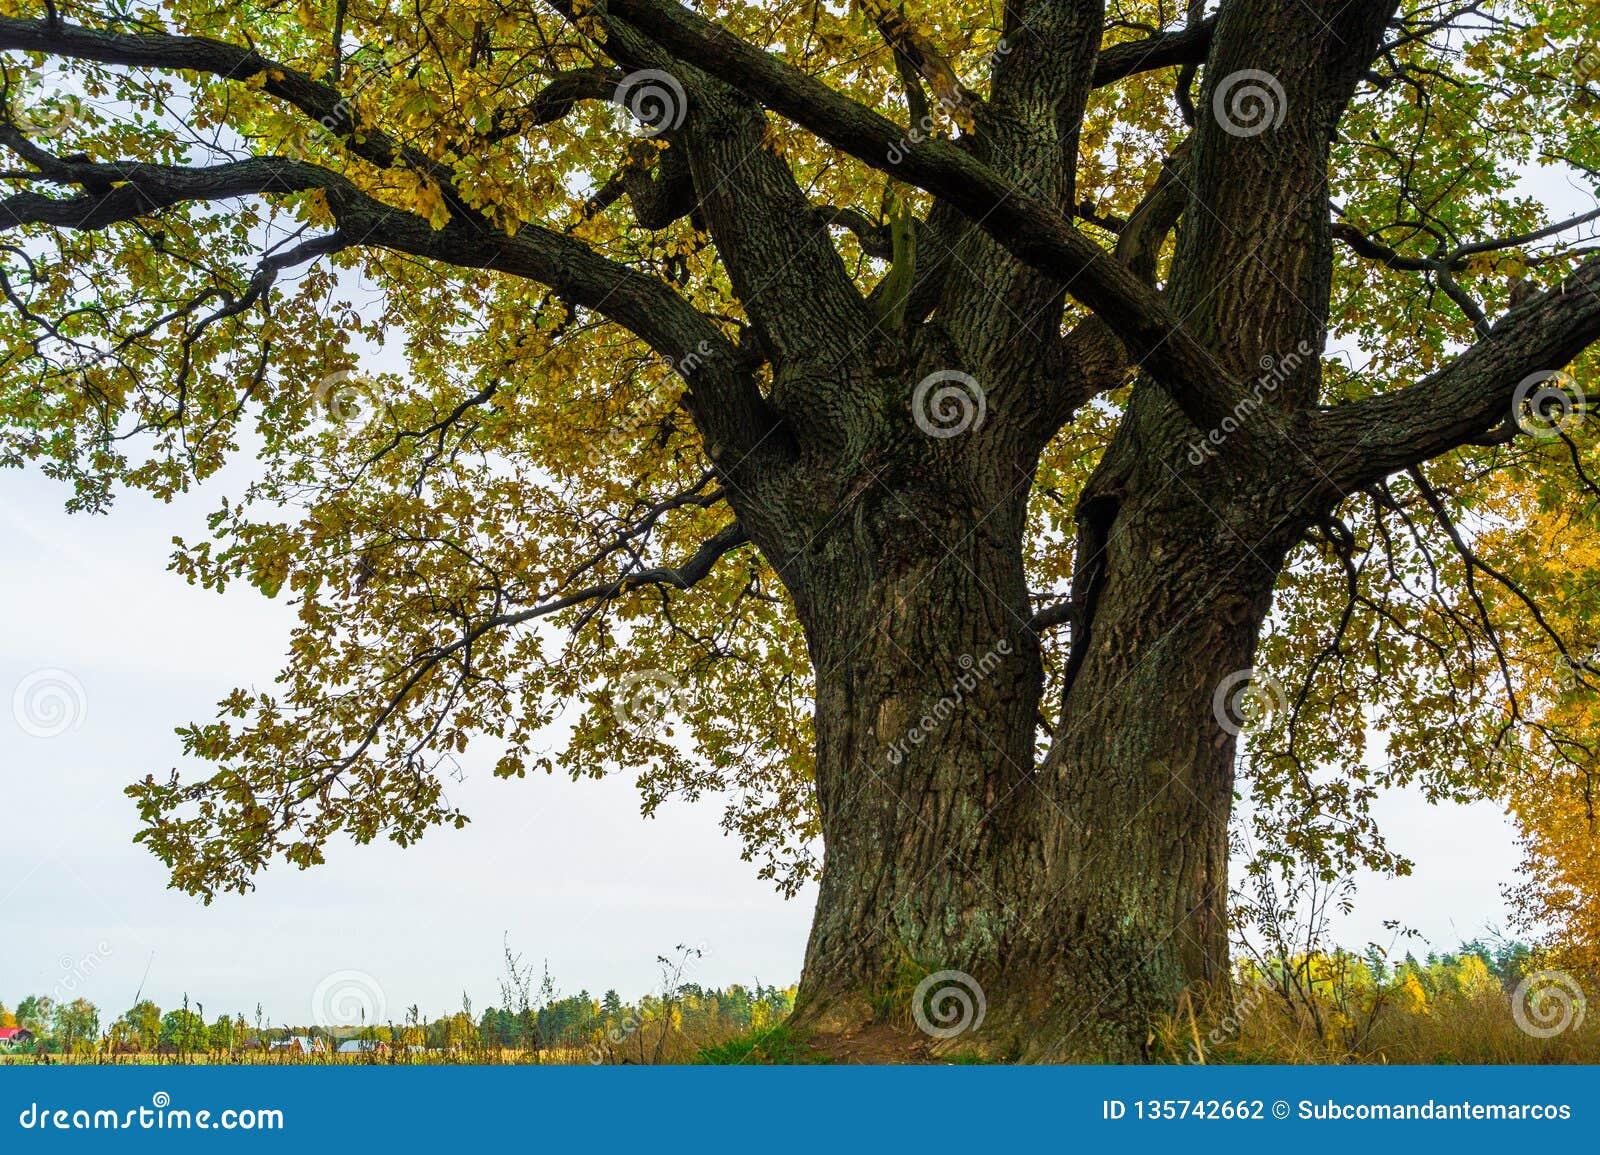 Een machtige oude oude eik, die zich alleen op de rand van een overblijfsel eiken bosje bevinden De gouden herfst, weelderig geel